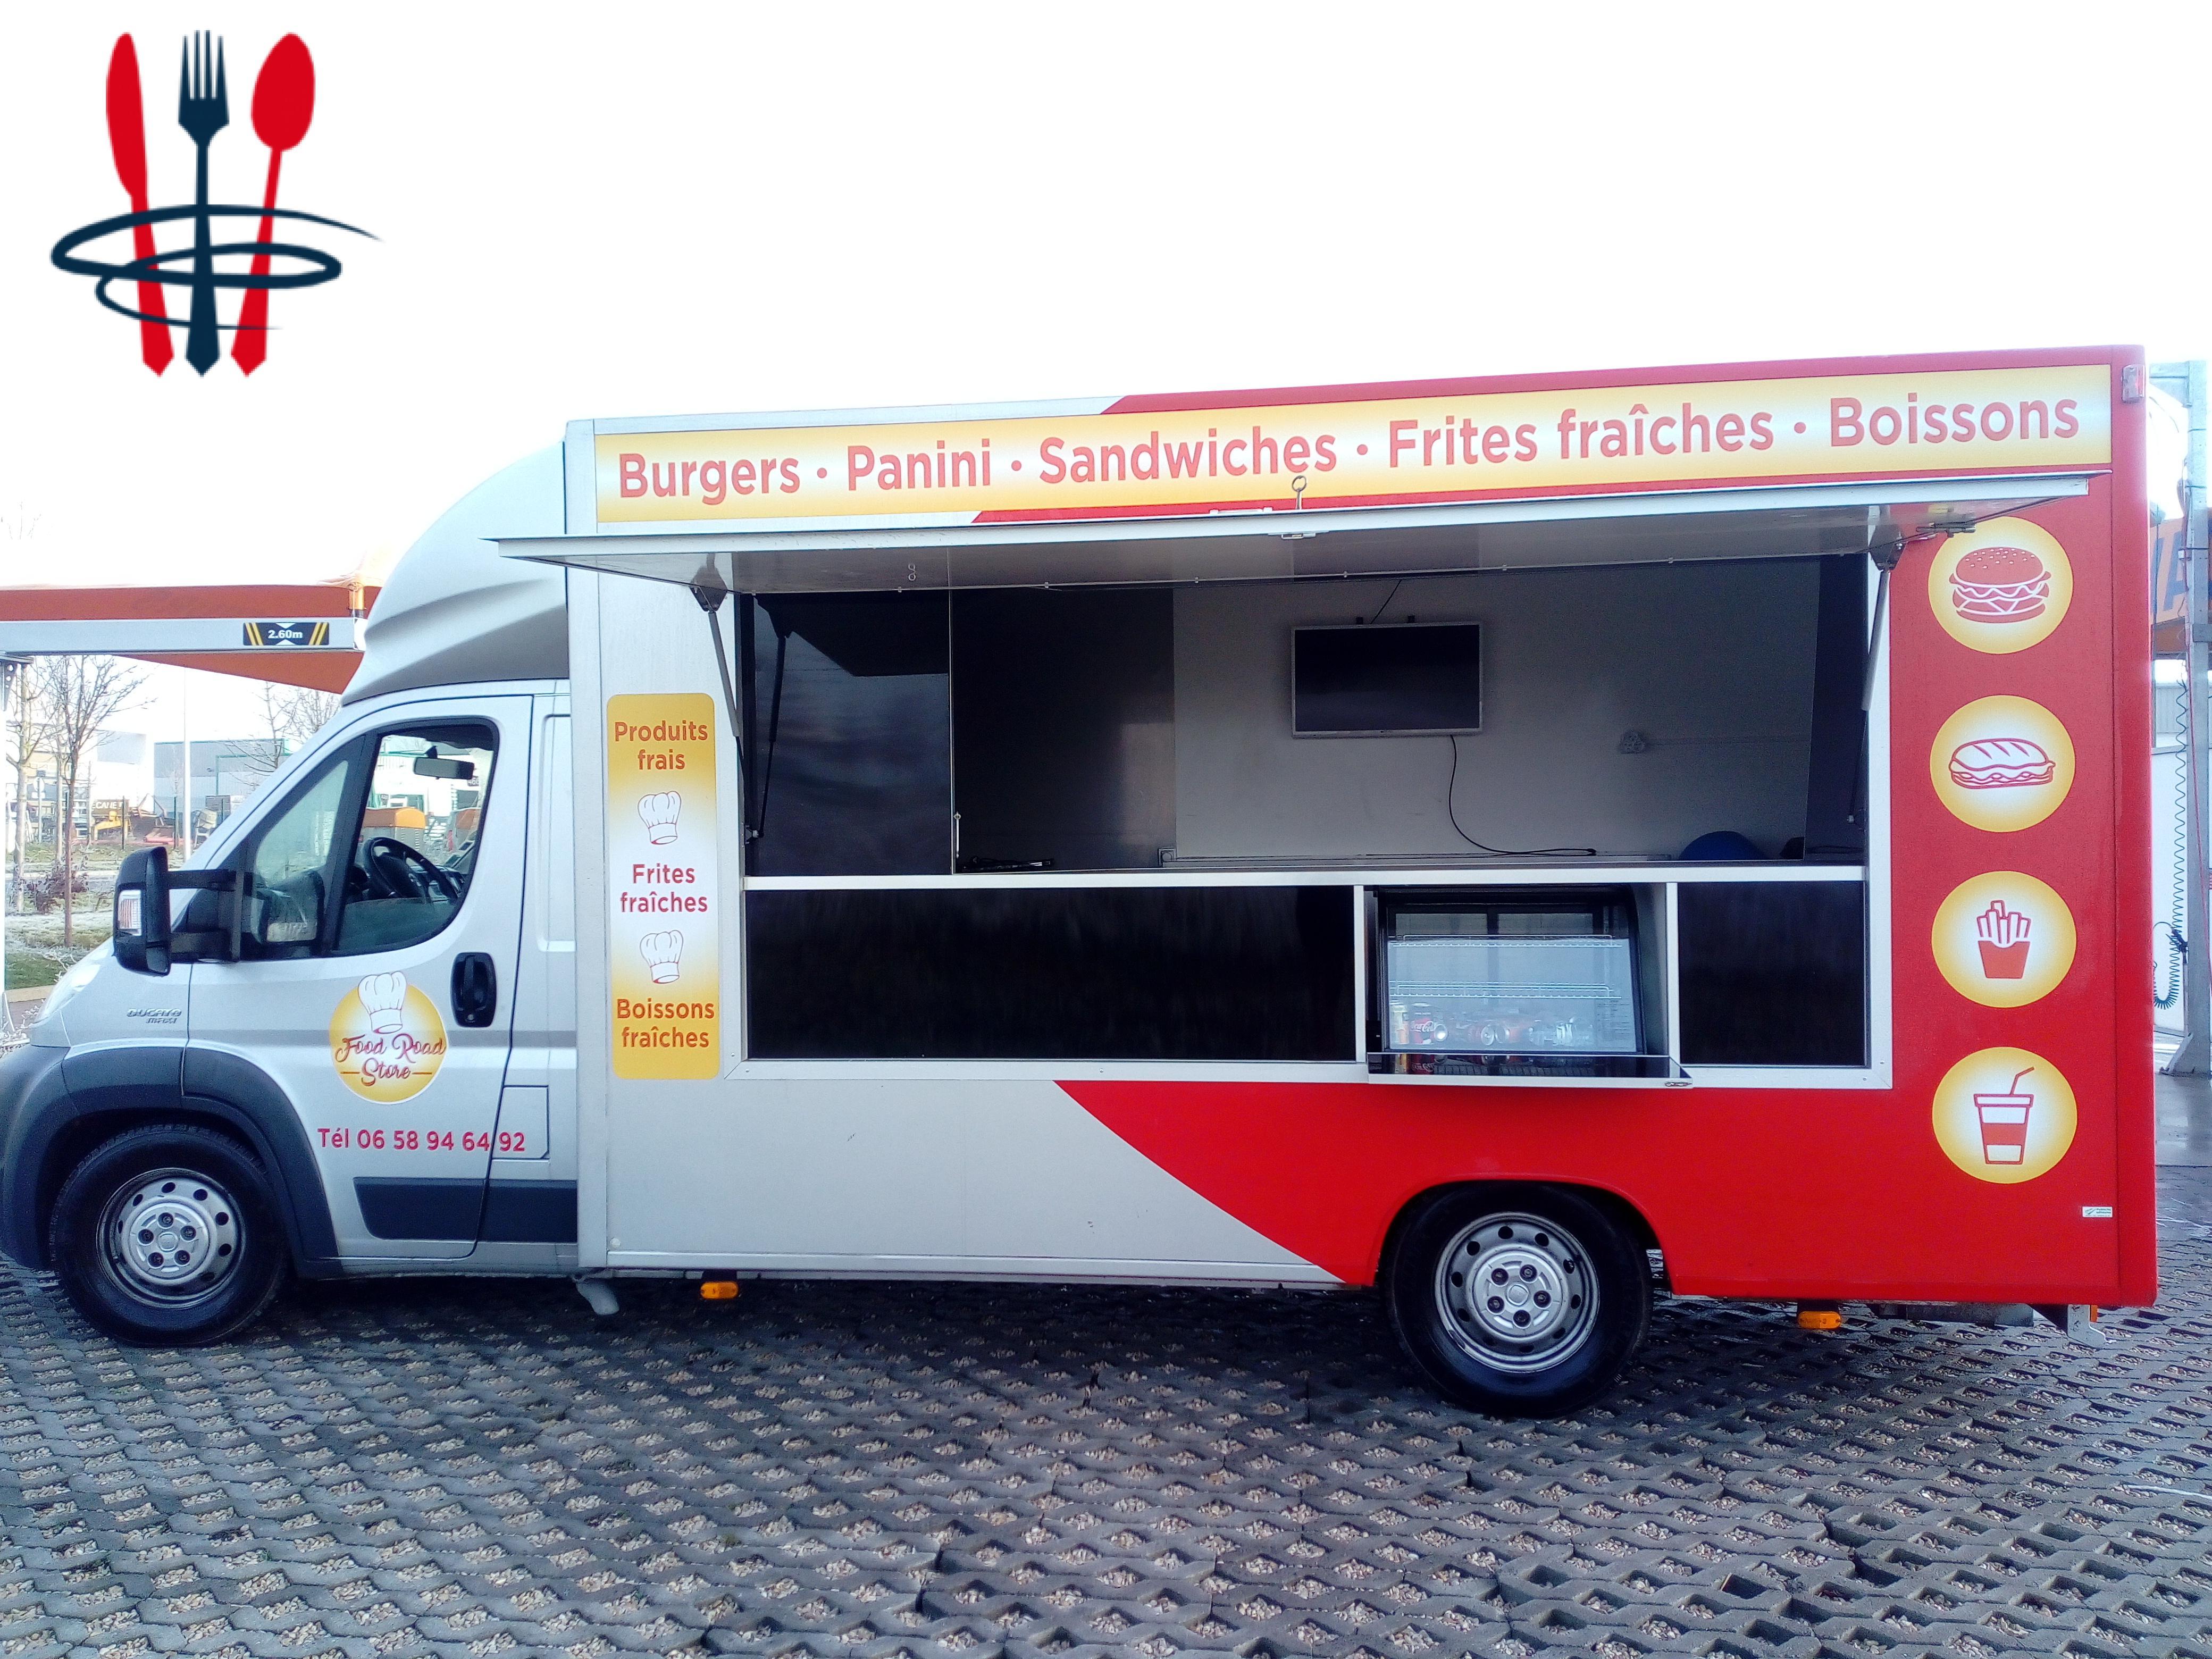 A vendre Food truck fiat ducato 180 multijet